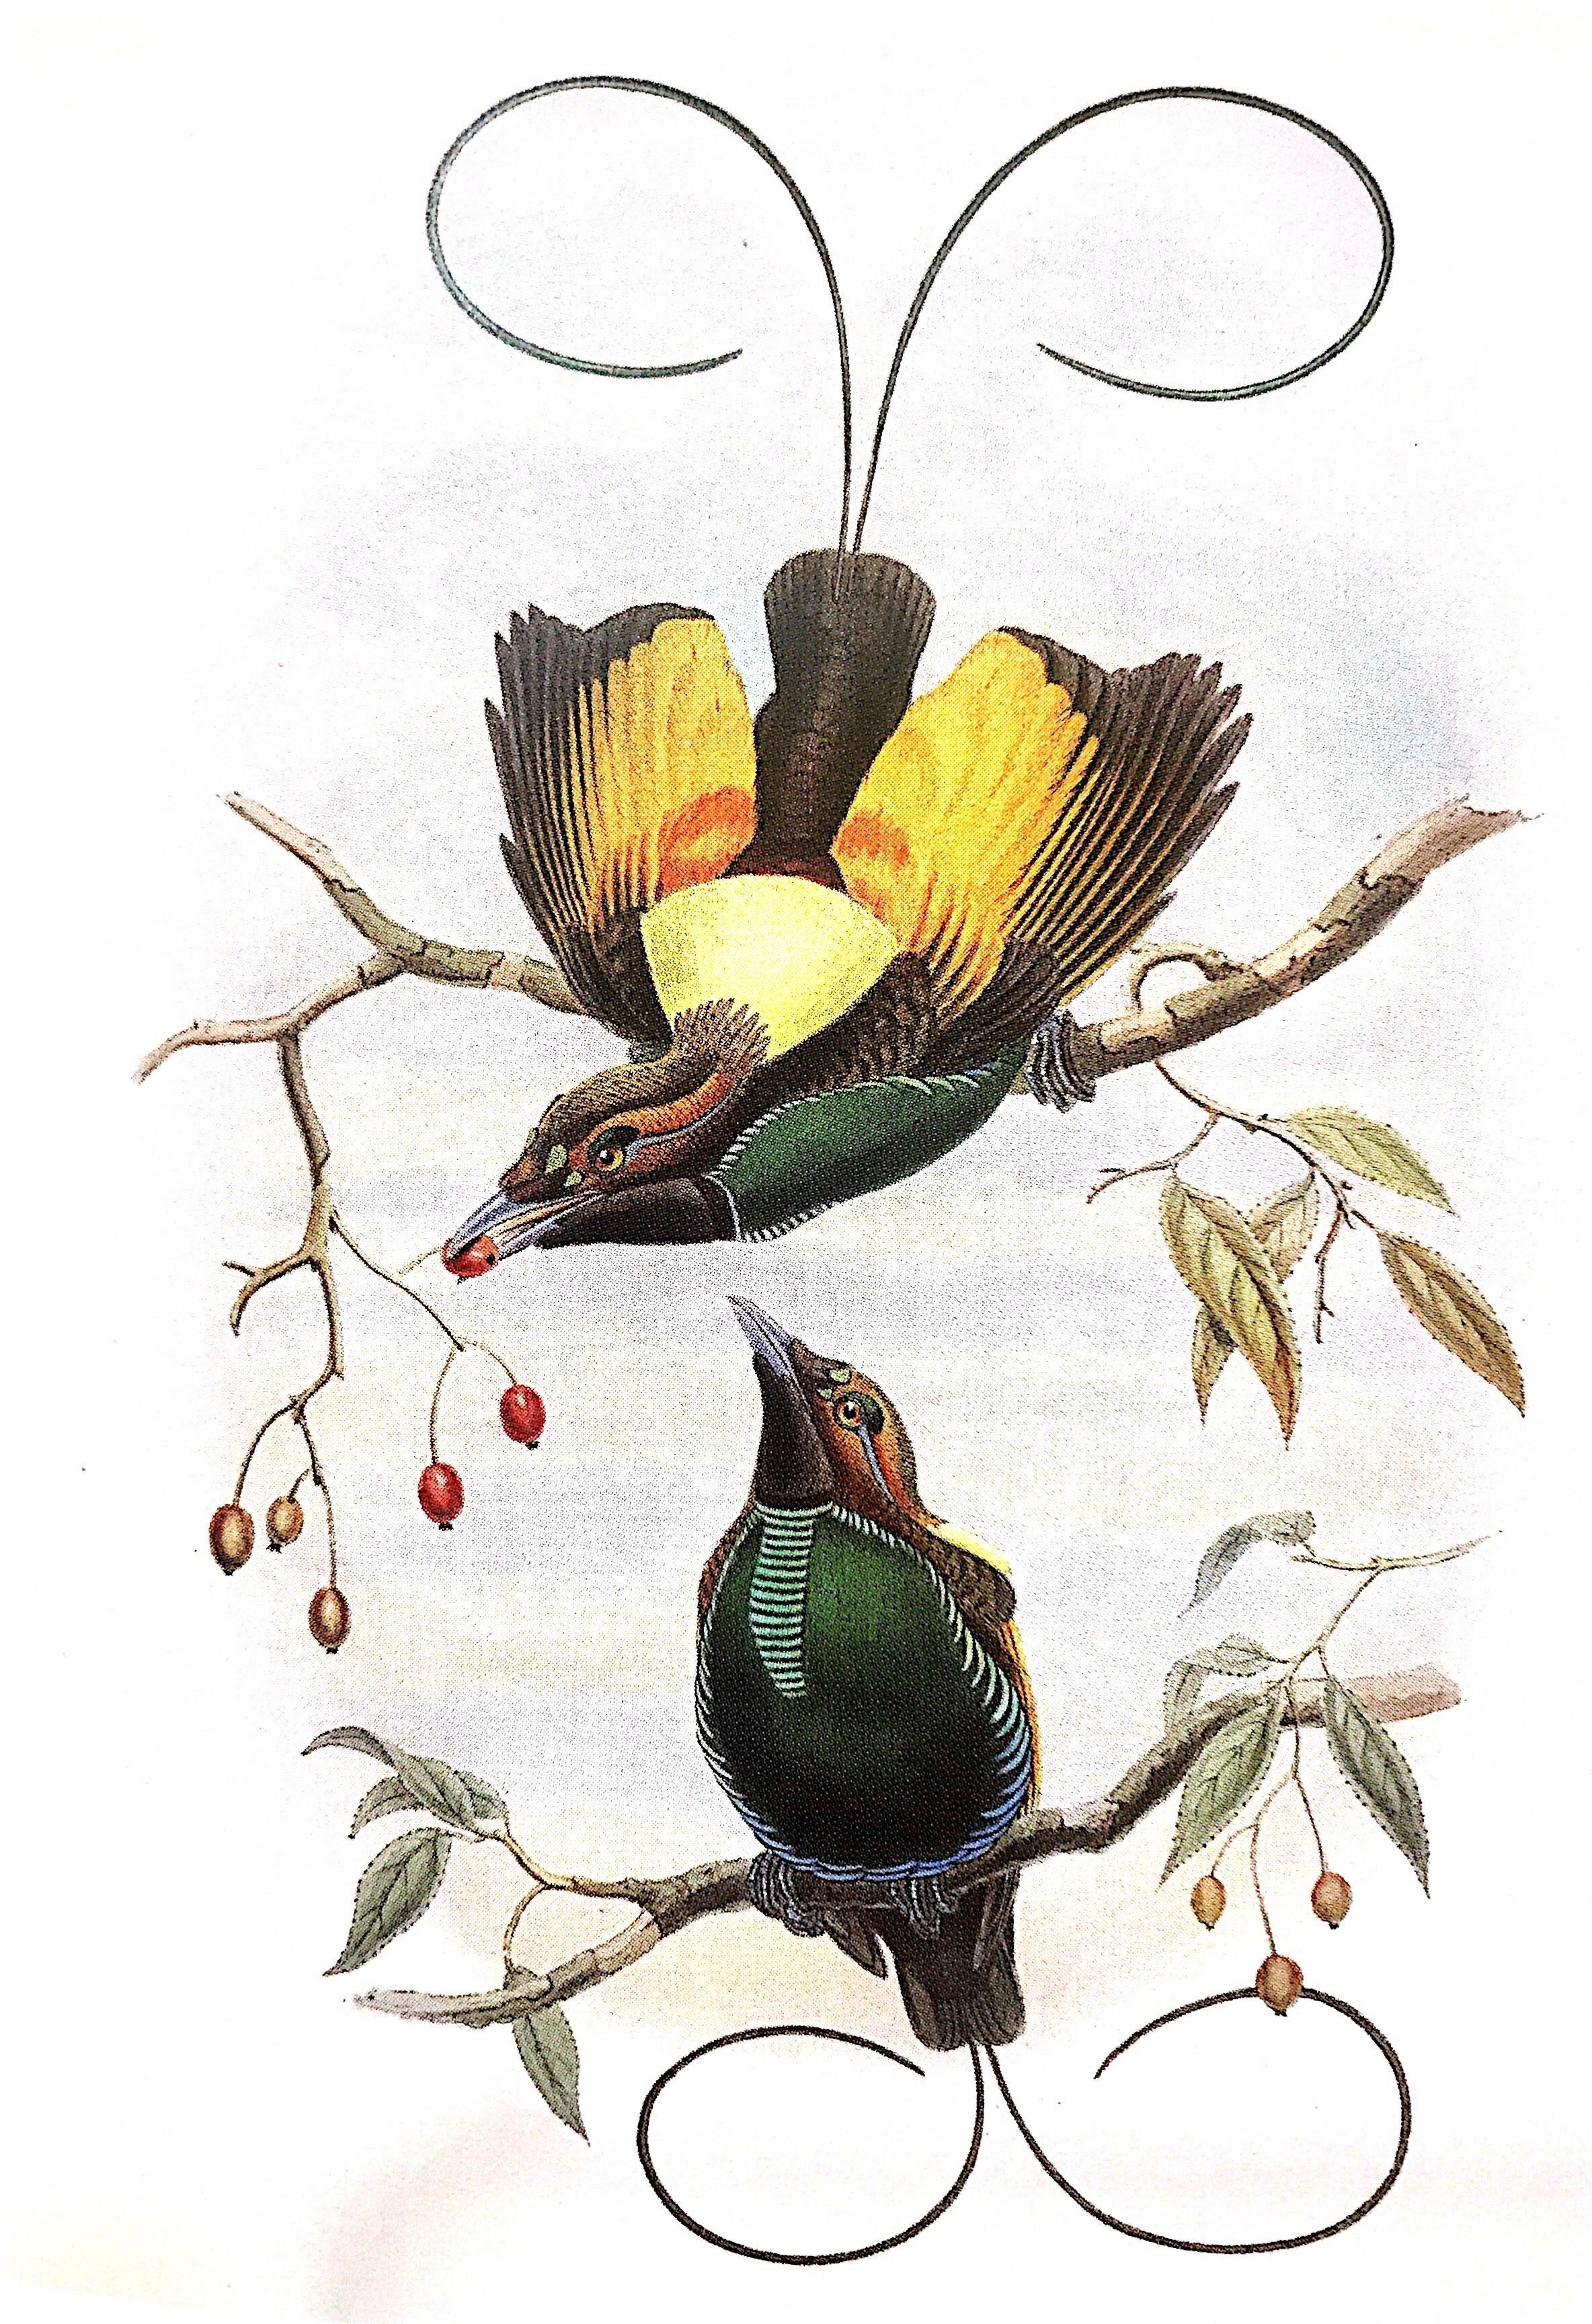 约翰·古尔德(John Gould)绘制的金翅天堂鸟,出处同上。